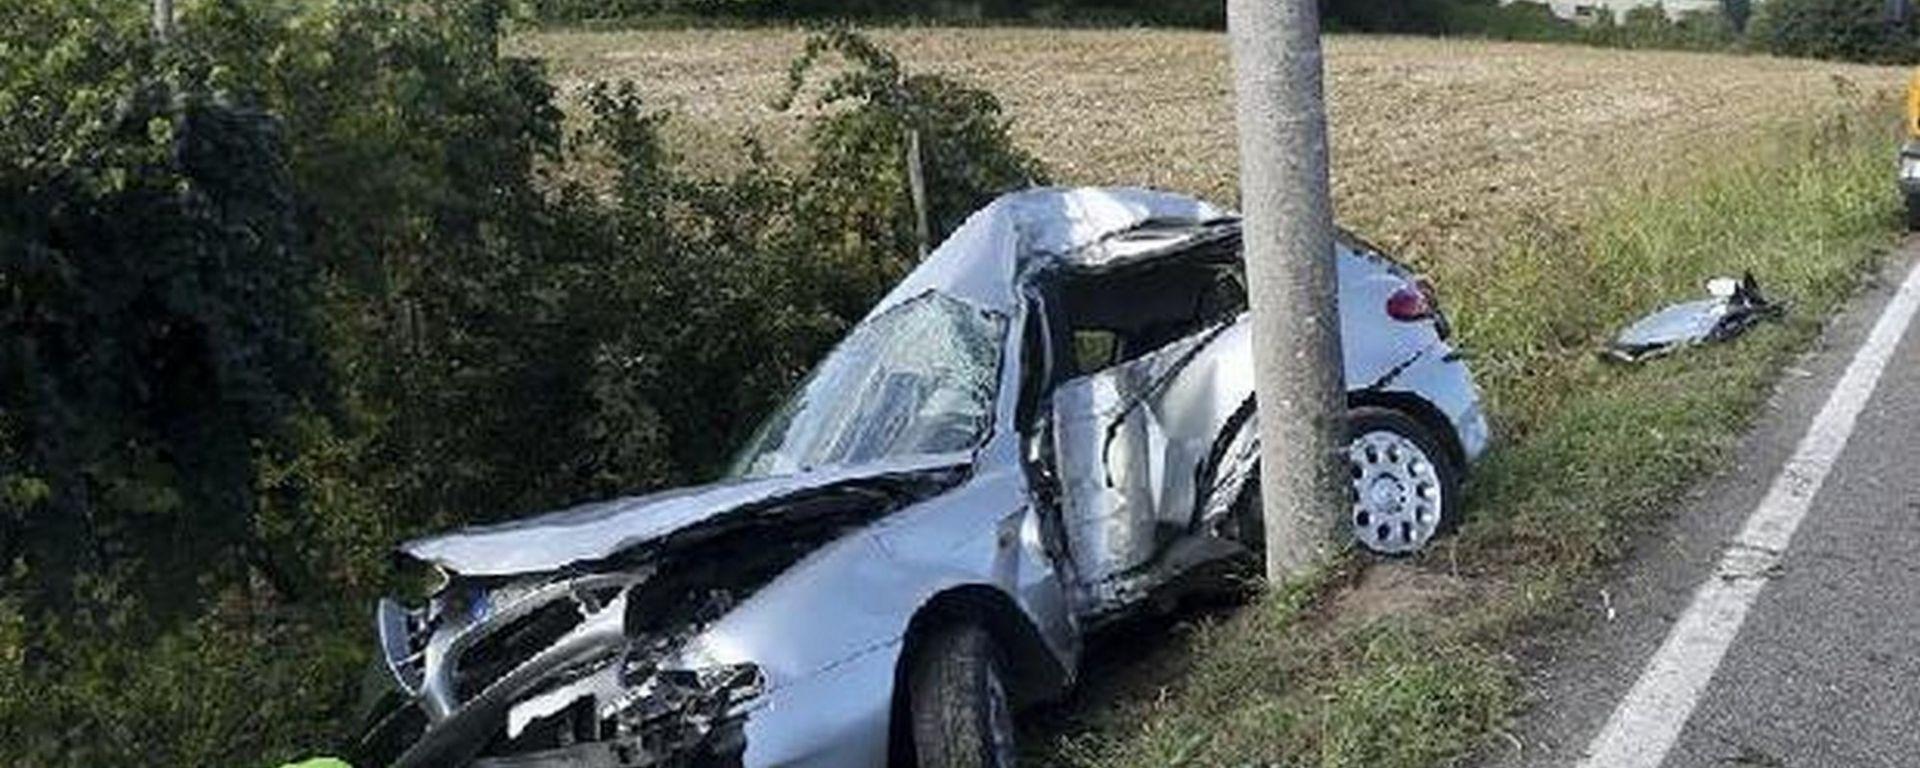 L'Alfa 147 di Yassine Harchi dopo l'uscita di strada